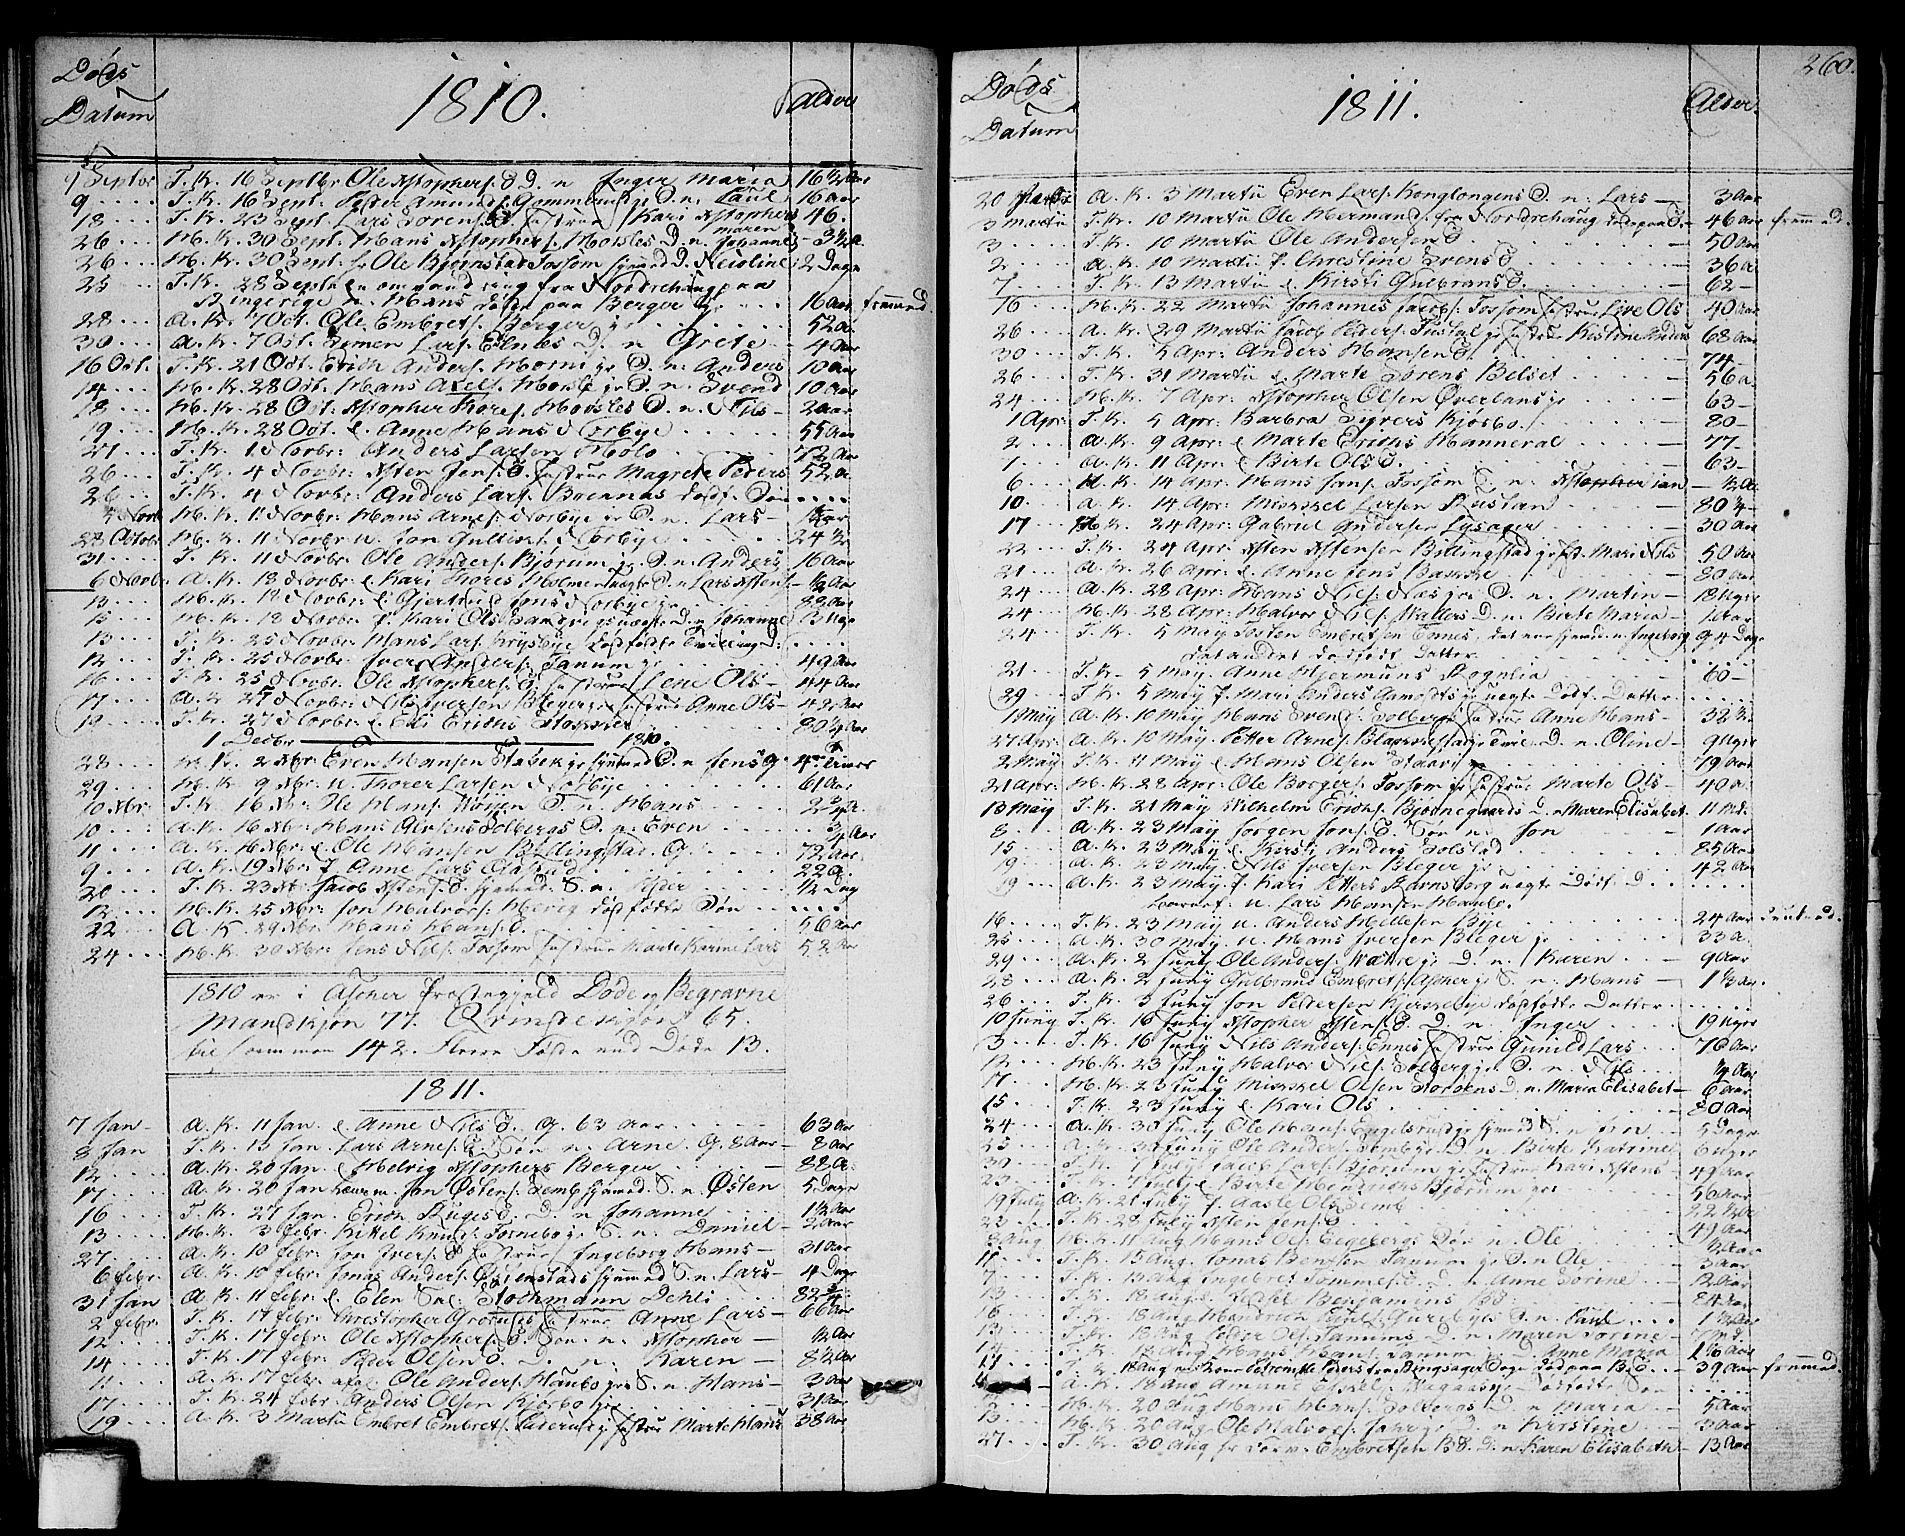 SAO, Asker prestekontor Kirkebøker, F/Fa/L0005: Ministerialbok nr. I 5, 1807-1813, s. 260